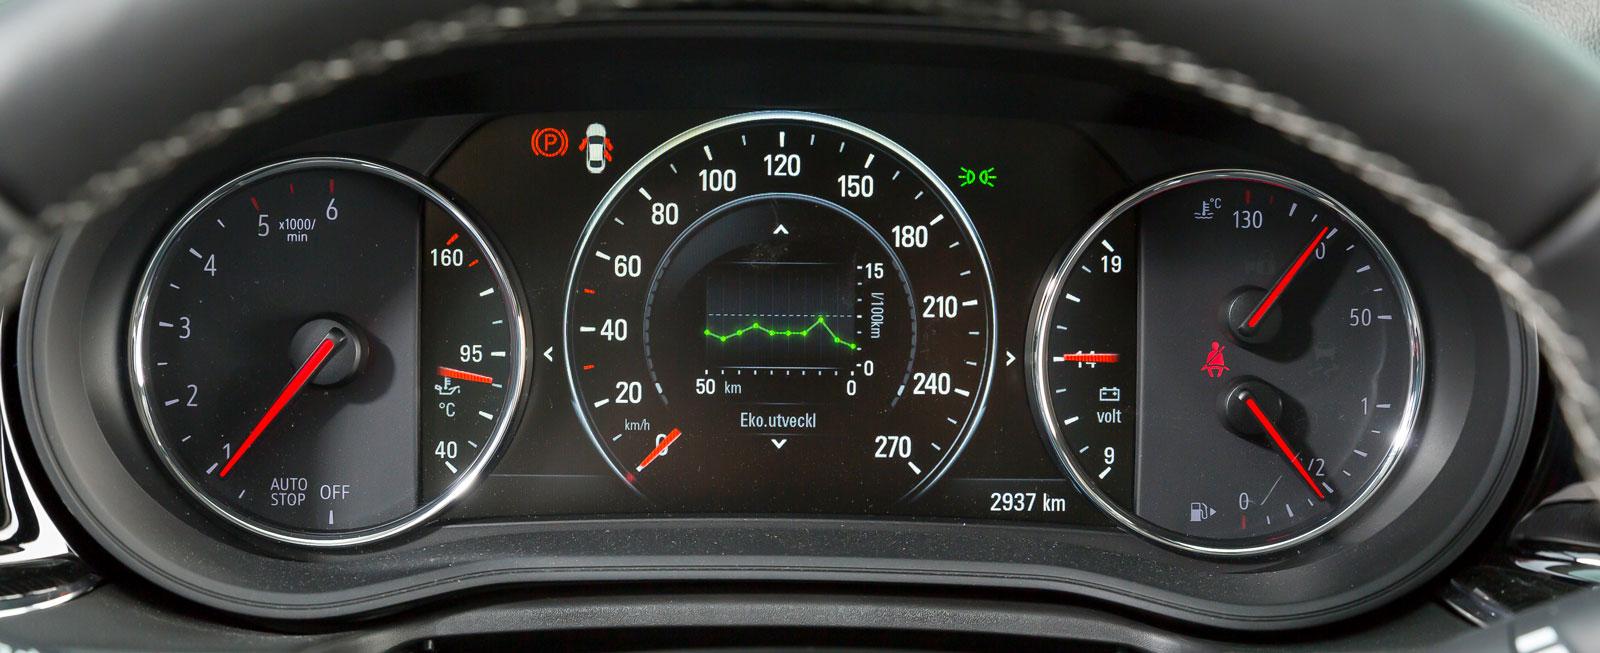 Mätarna i Opels instrumentkluster är både många, snygga och lätt retro-inspirerade. Såväl laddning som olje- och vattentemperatur visas på klassiskt vis. När såg man det sist?